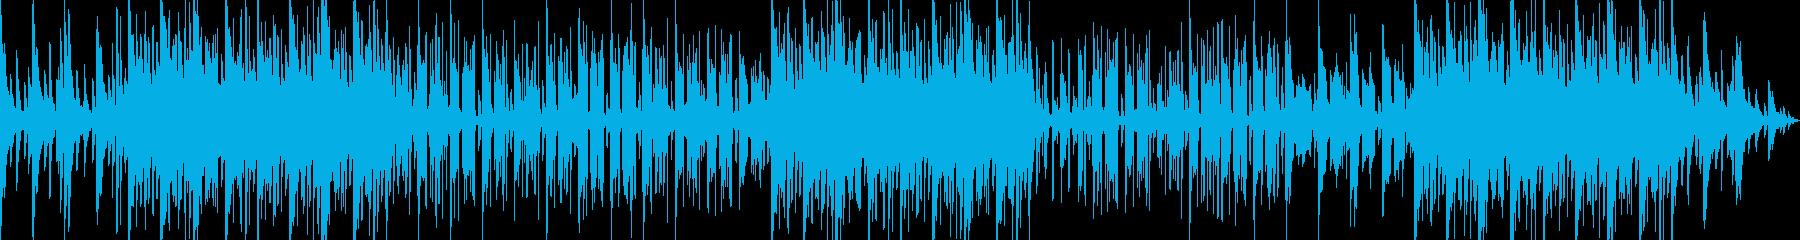 お洒落なピアノLoFi HipHopの再生済みの波形